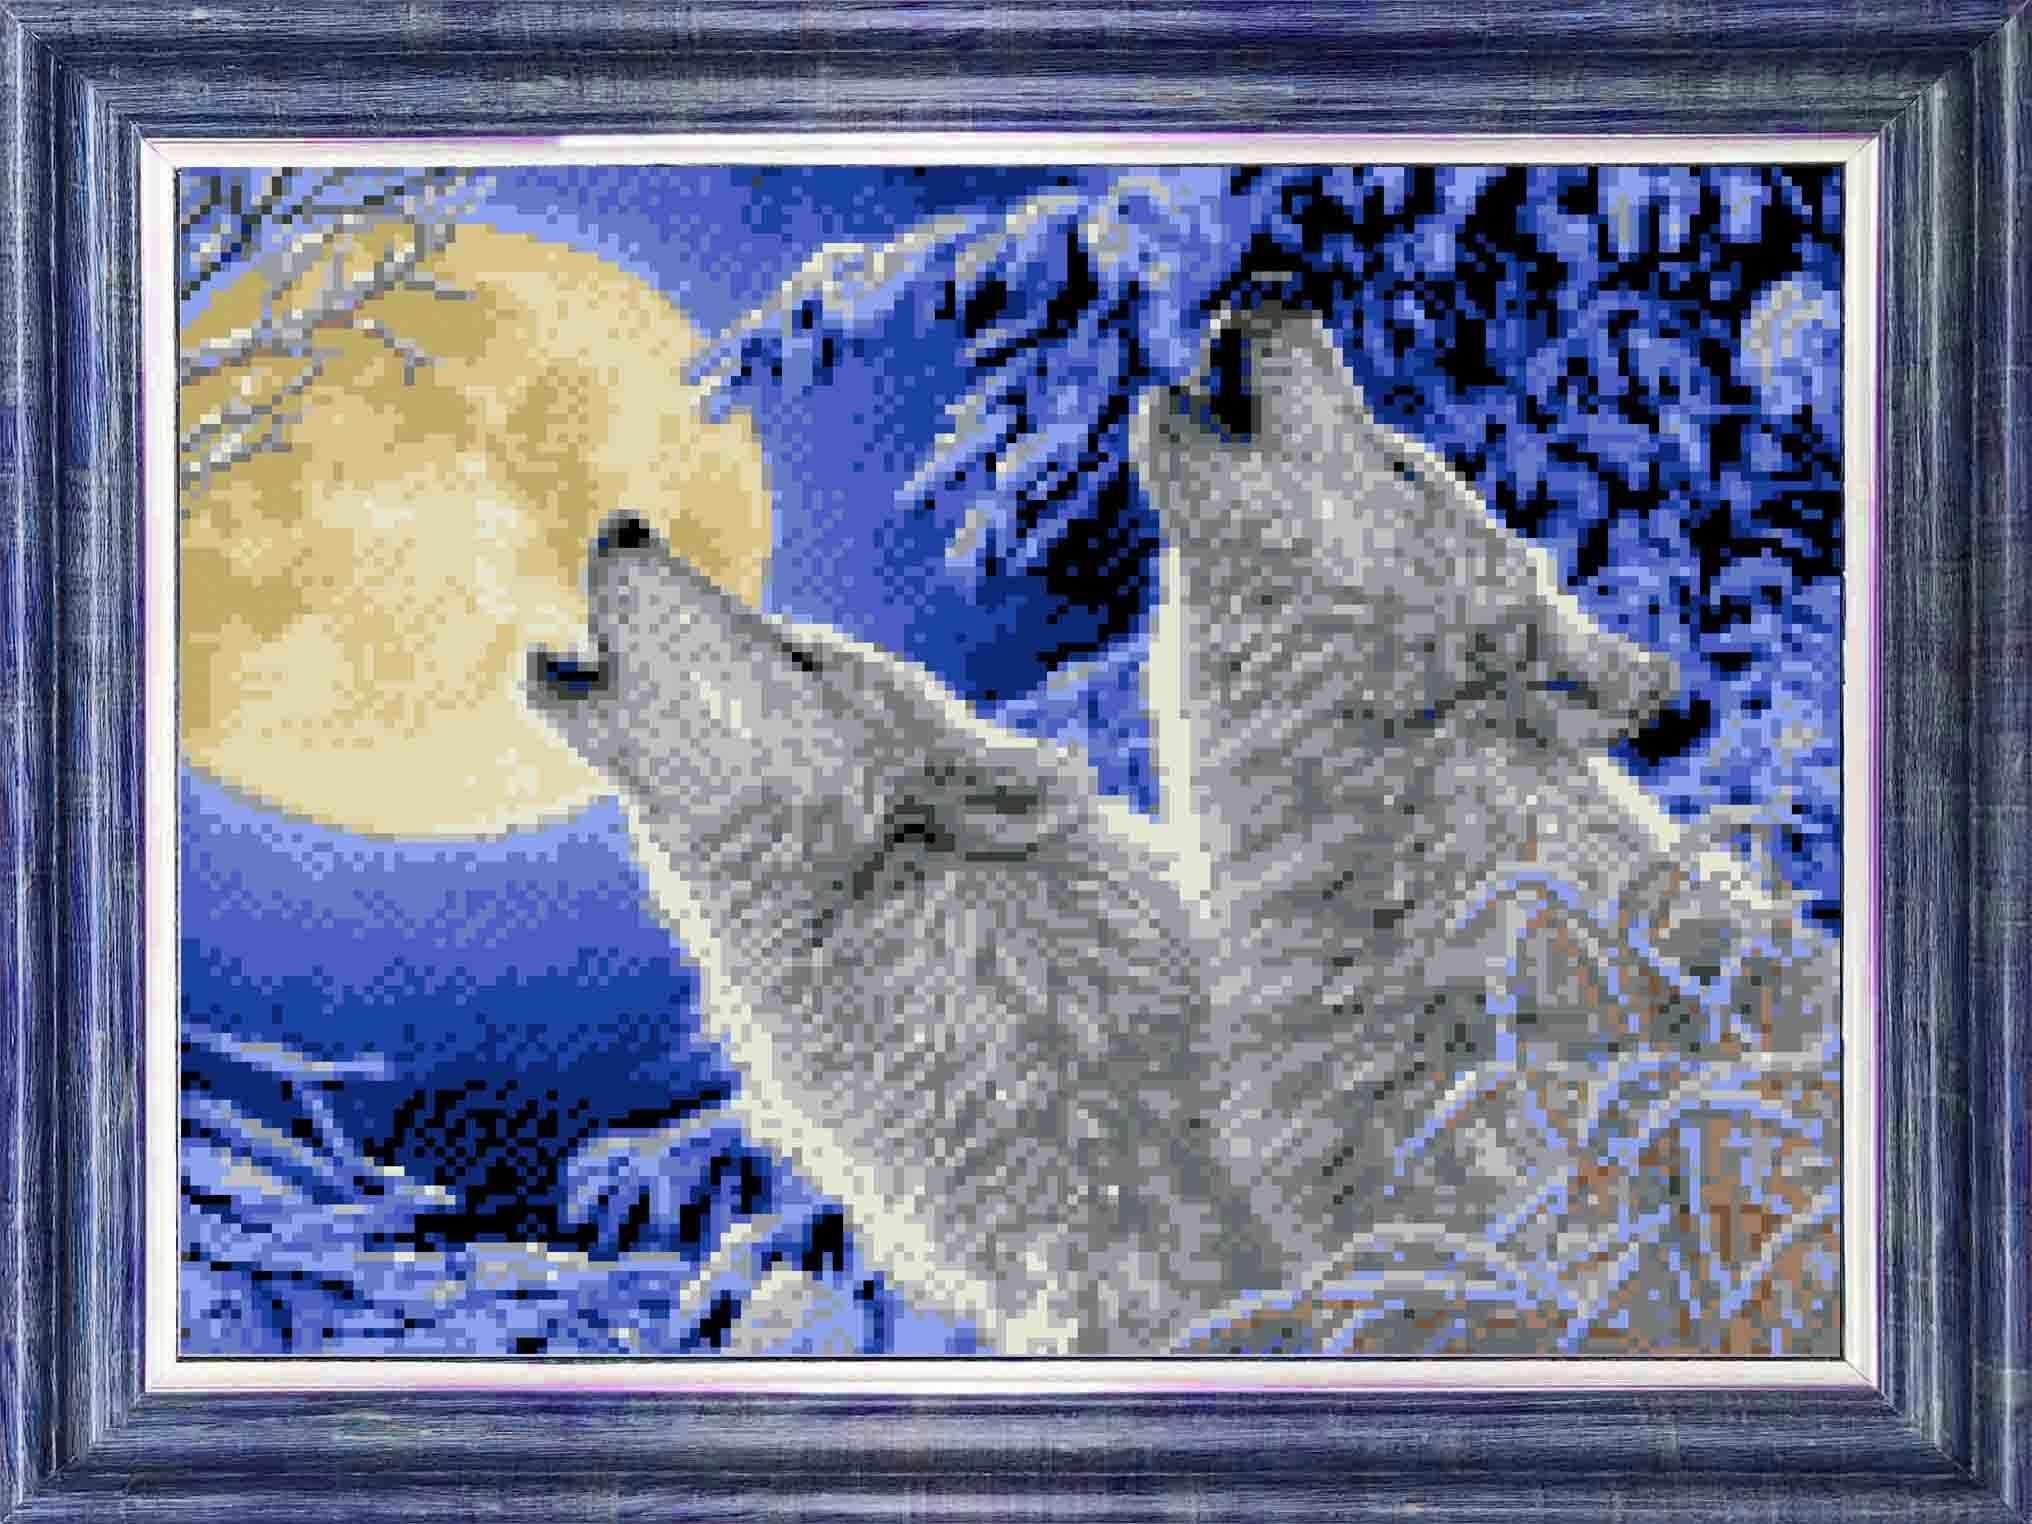 КК 045 Лунная соната - схема для вышивания (Каролинка)